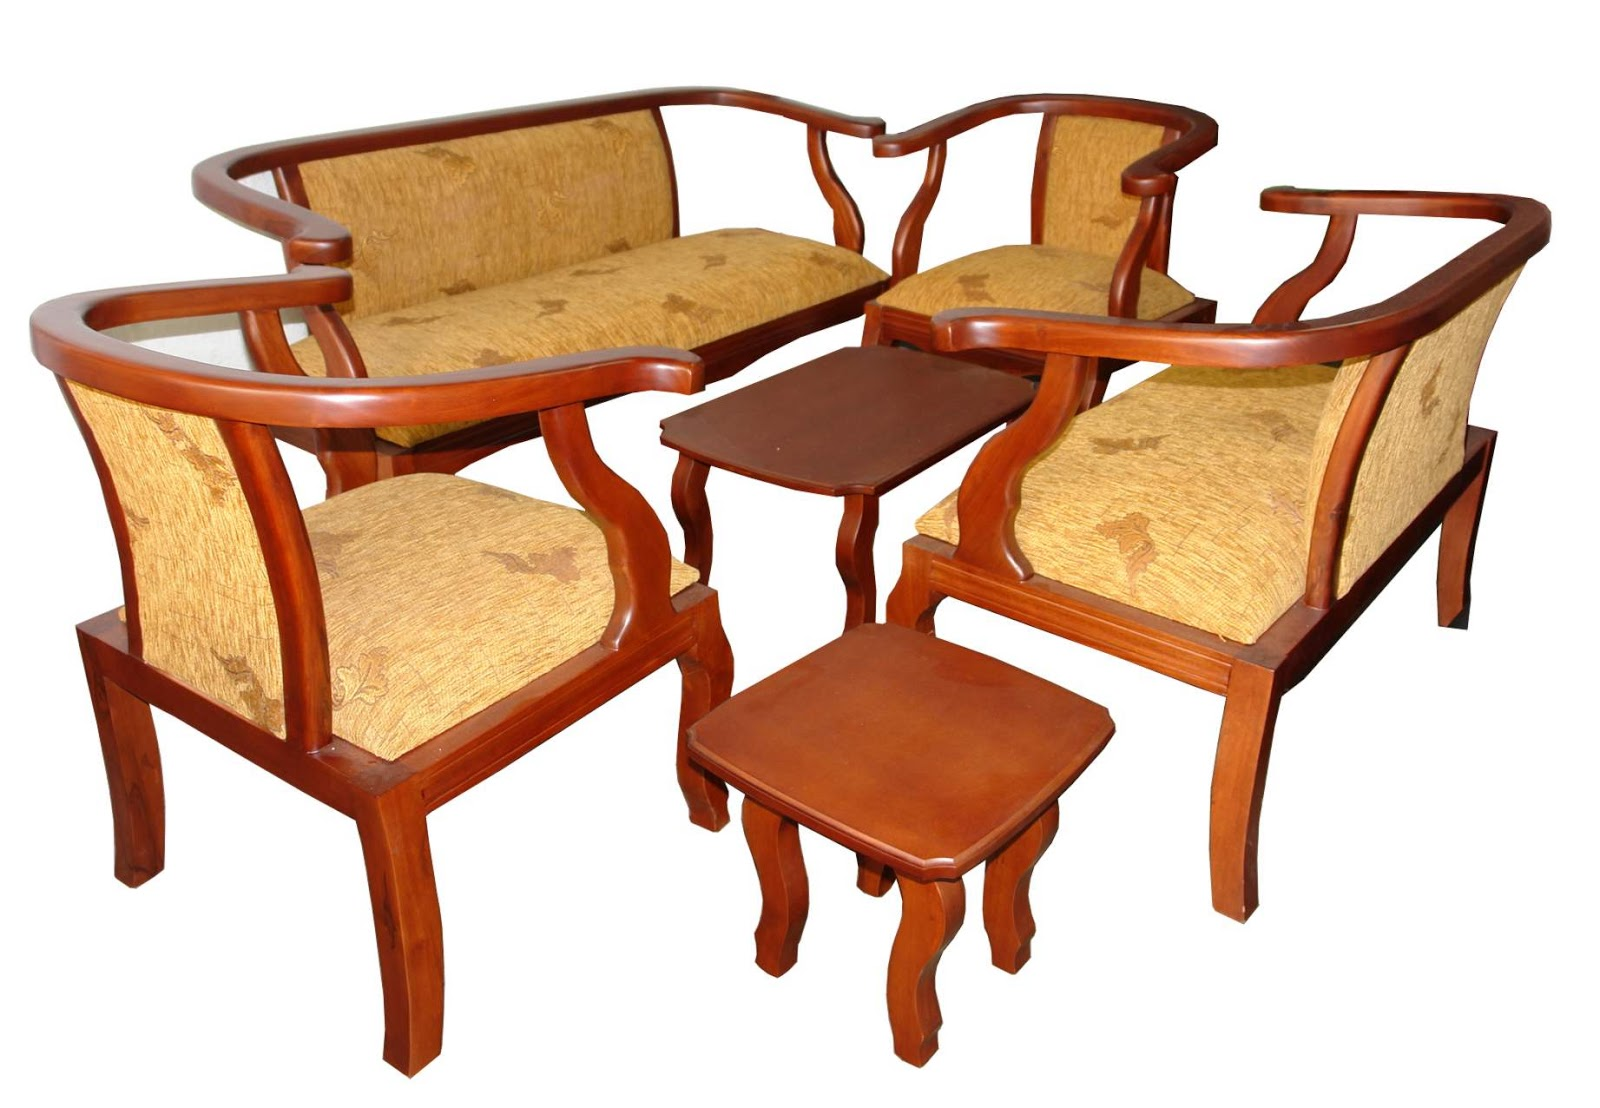 Bricolage trabajos en madera juegos de sala for Bar de madera para sala